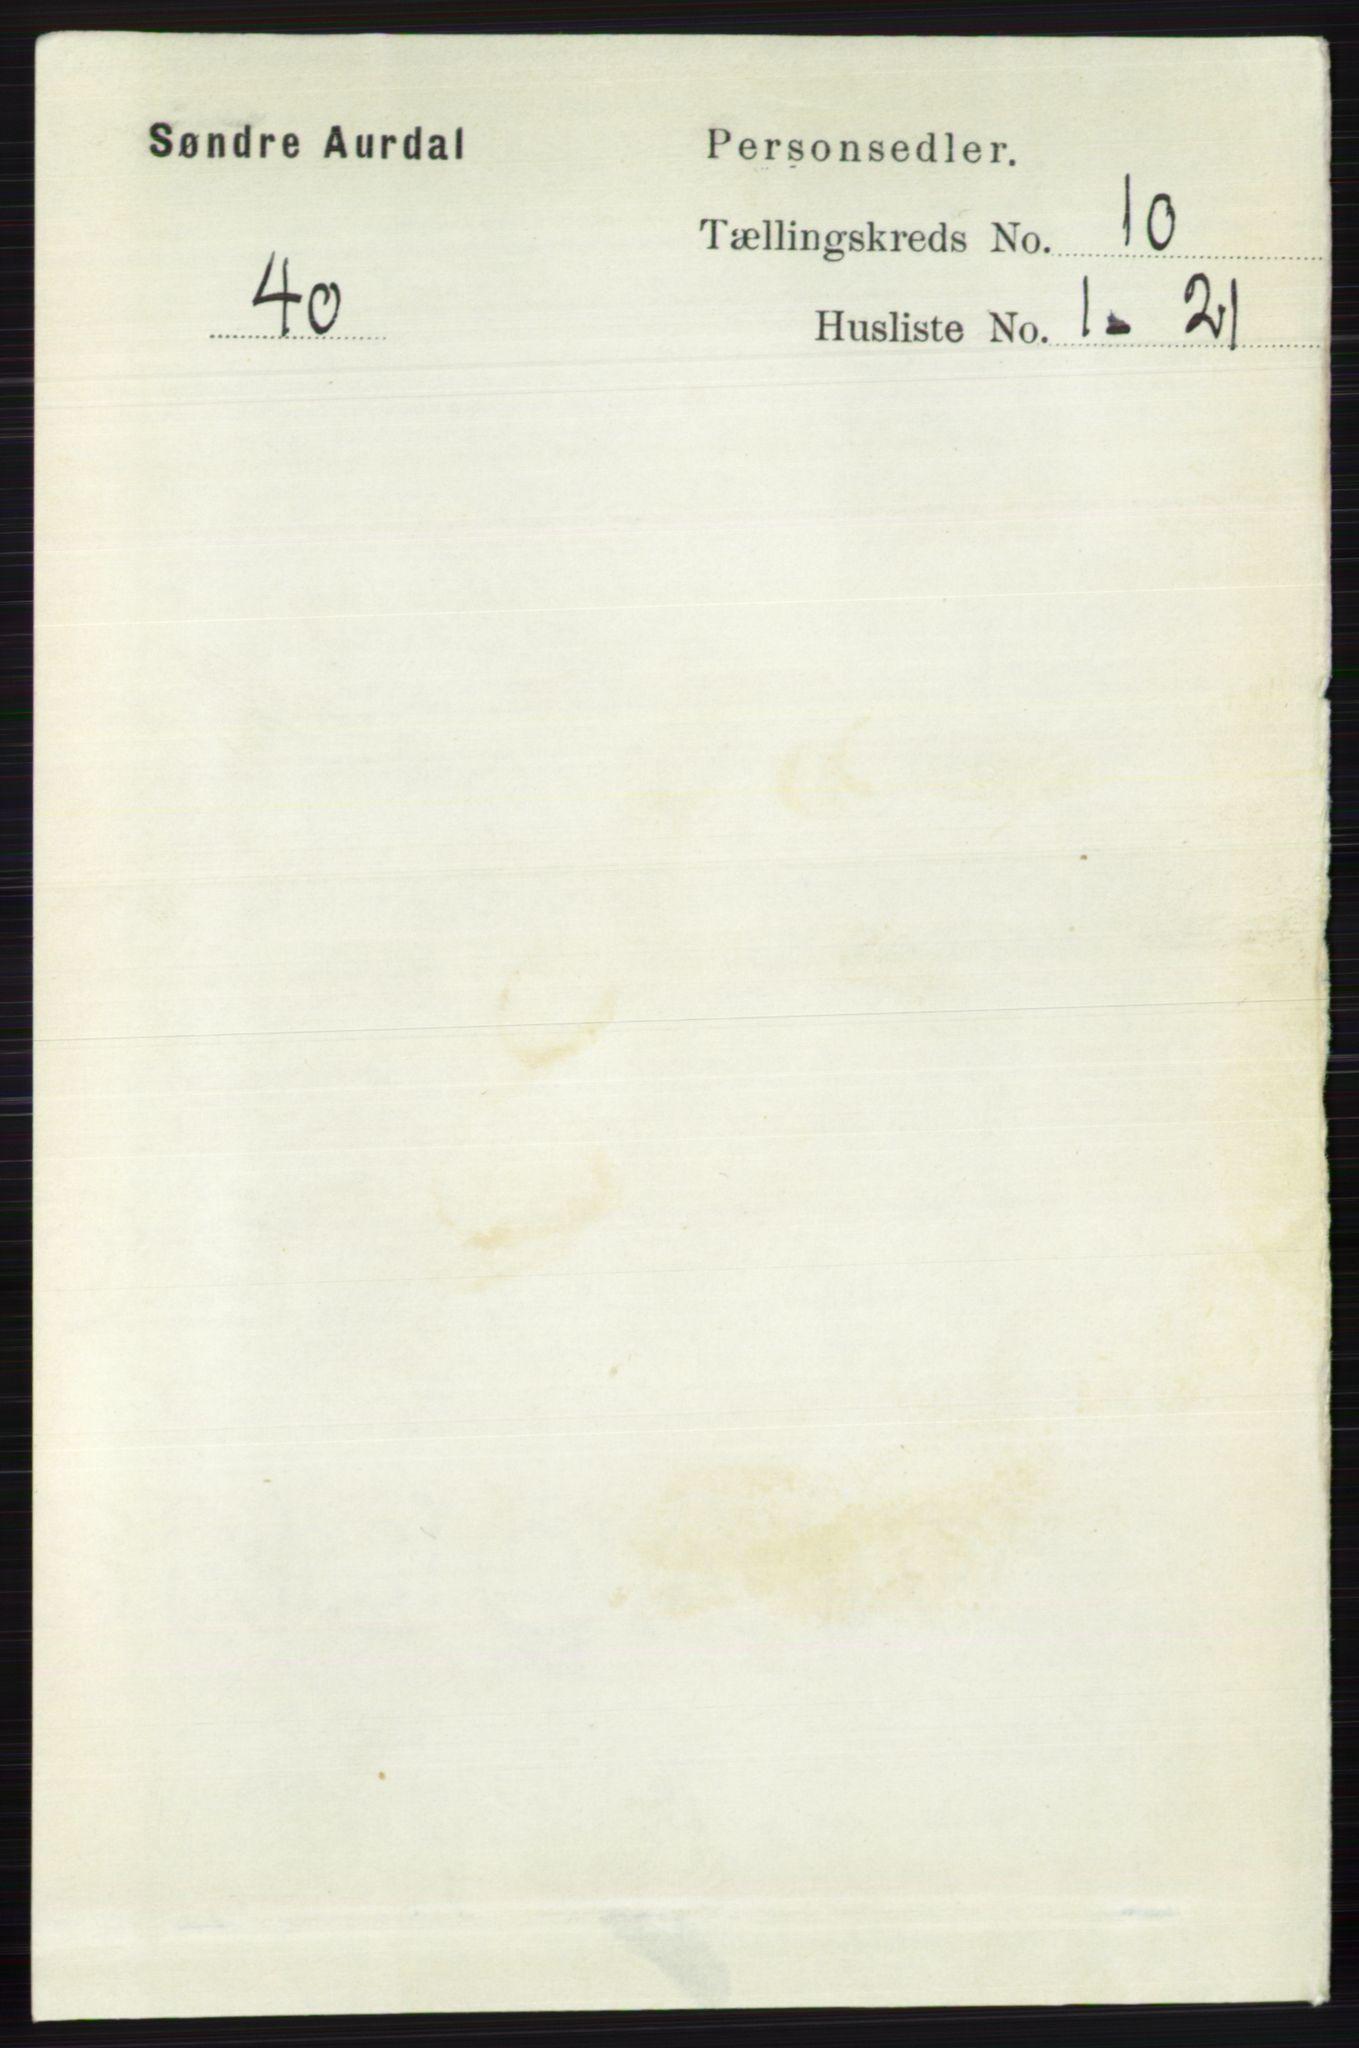 RA, Folketelling 1891 for 0540 Sør-Aurdal herred, 1891, s. 5869